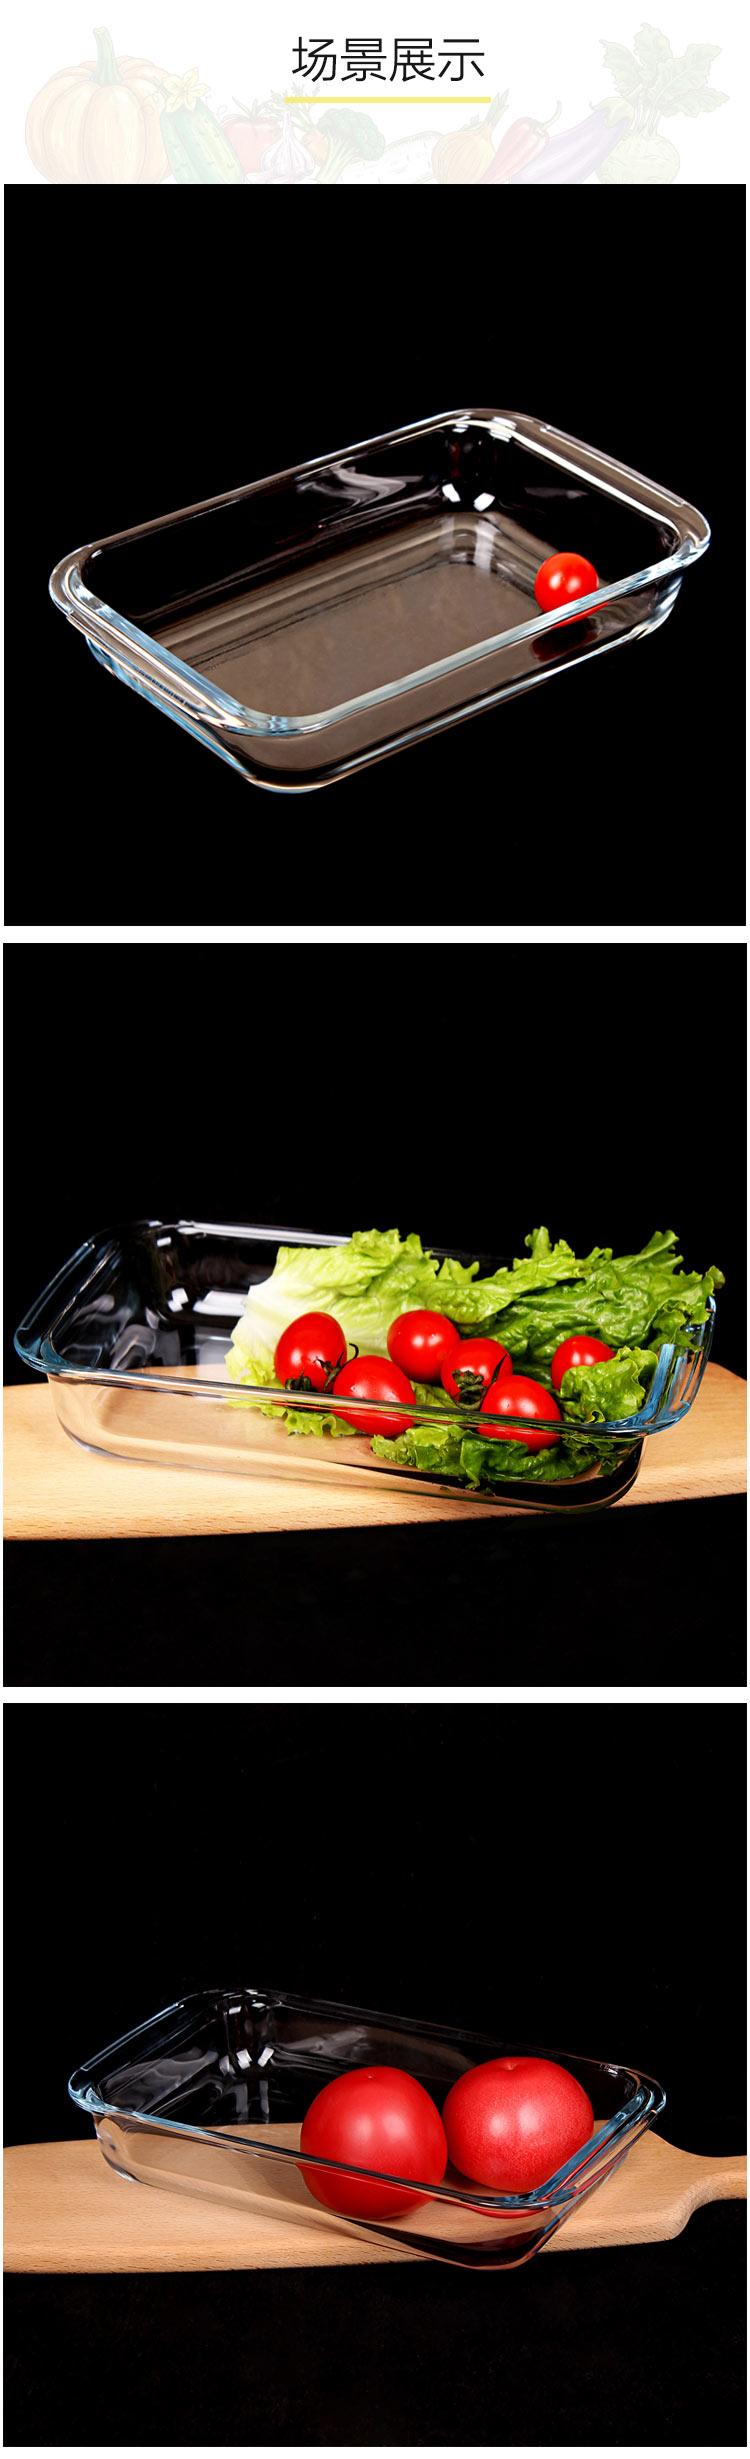 耐热玻璃烤盘家用鱼盘焗烤饭烤肉烤箱微波炉专用钢化玻璃盘烘焙盘子详细照片